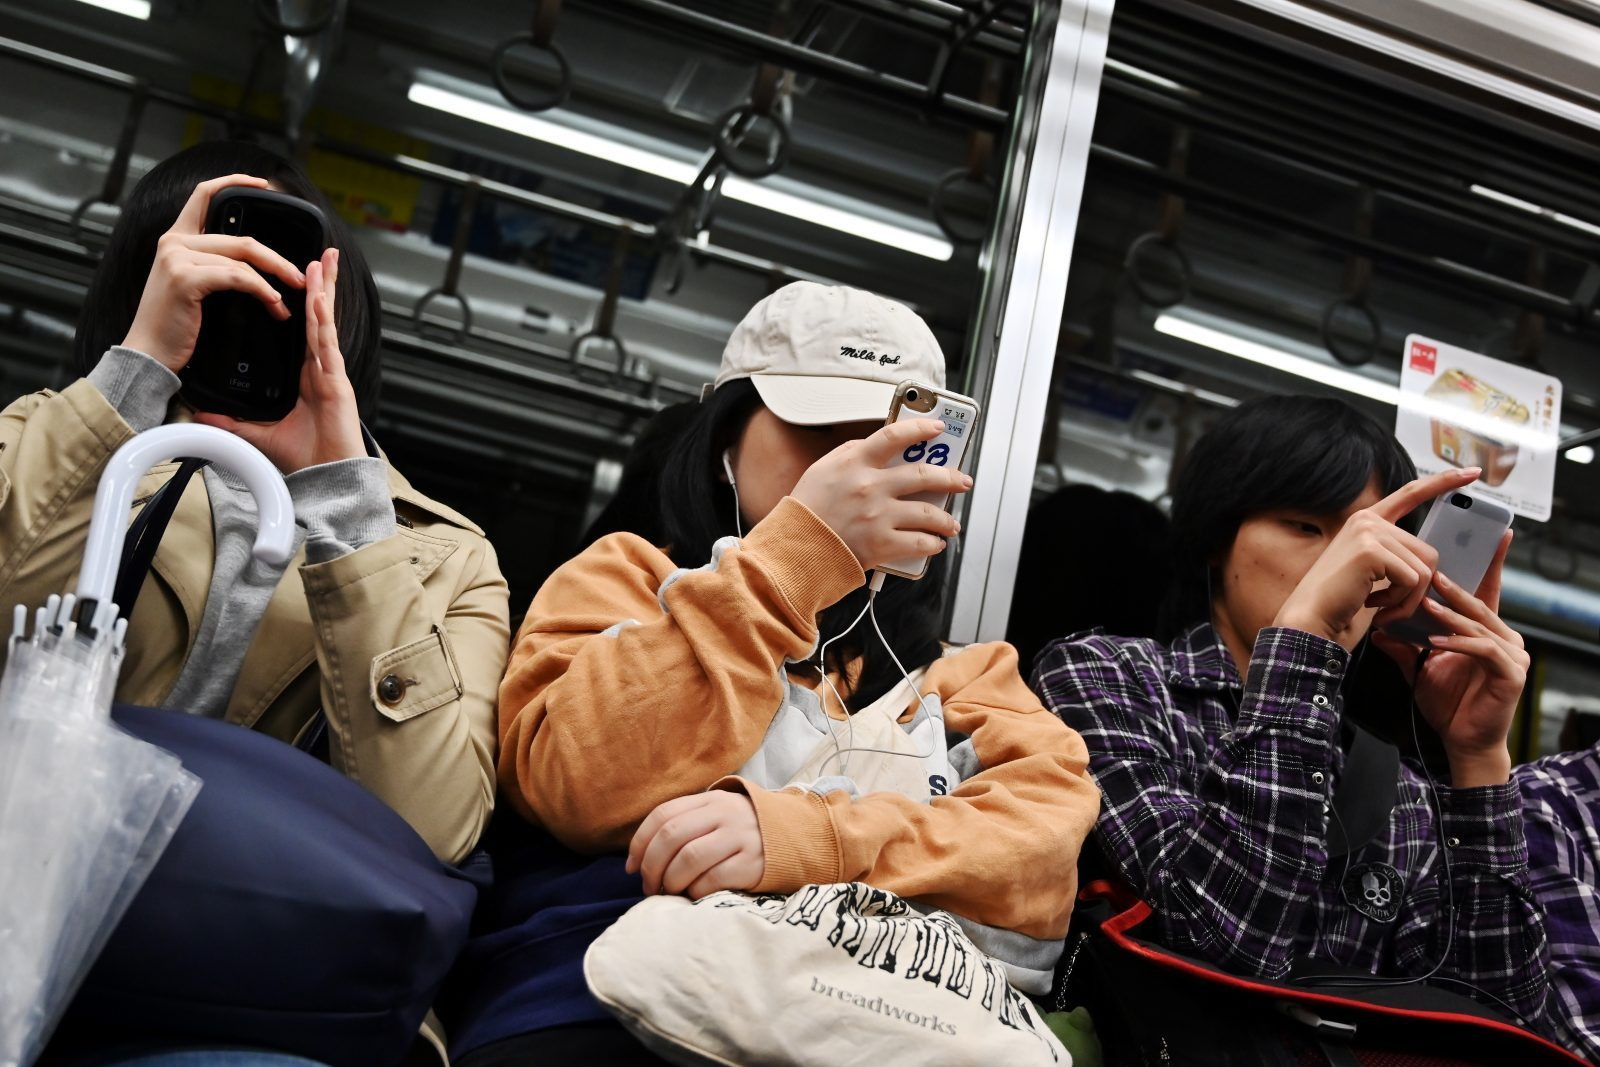 Khoảng không cá nhân – nét độc đáo trong văn hóa Nhật Bản